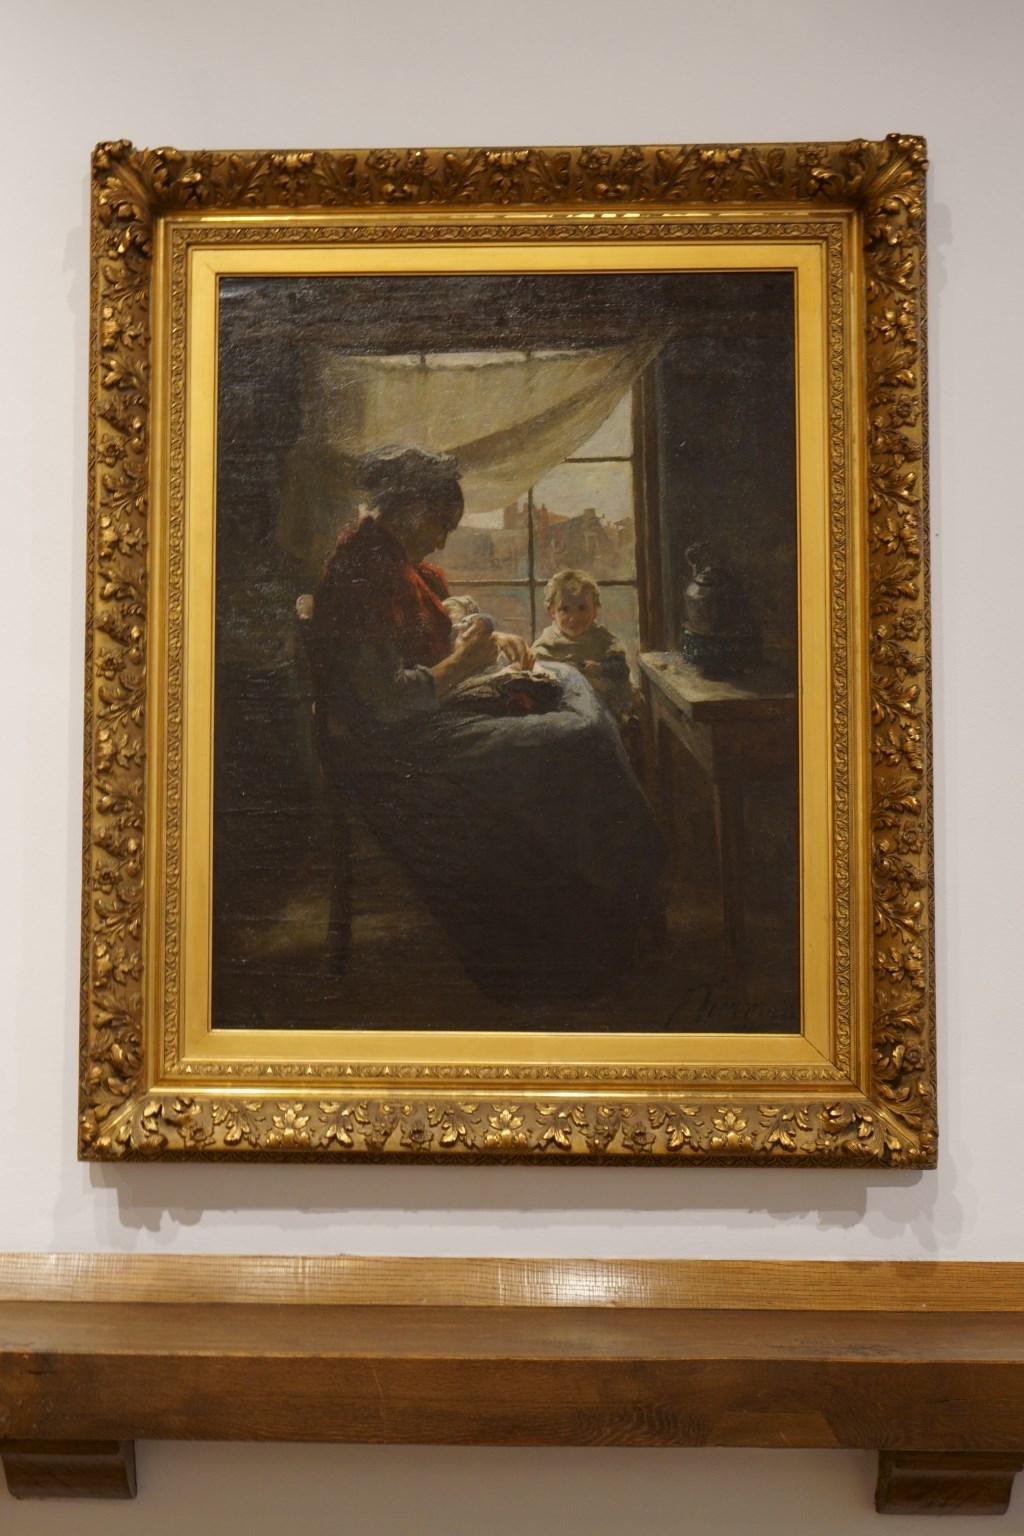 Voor dit werk 'Armoede' van Jan Voerman senior is het Voerman Museum Hattem gestart met een crowdfundingsactie.